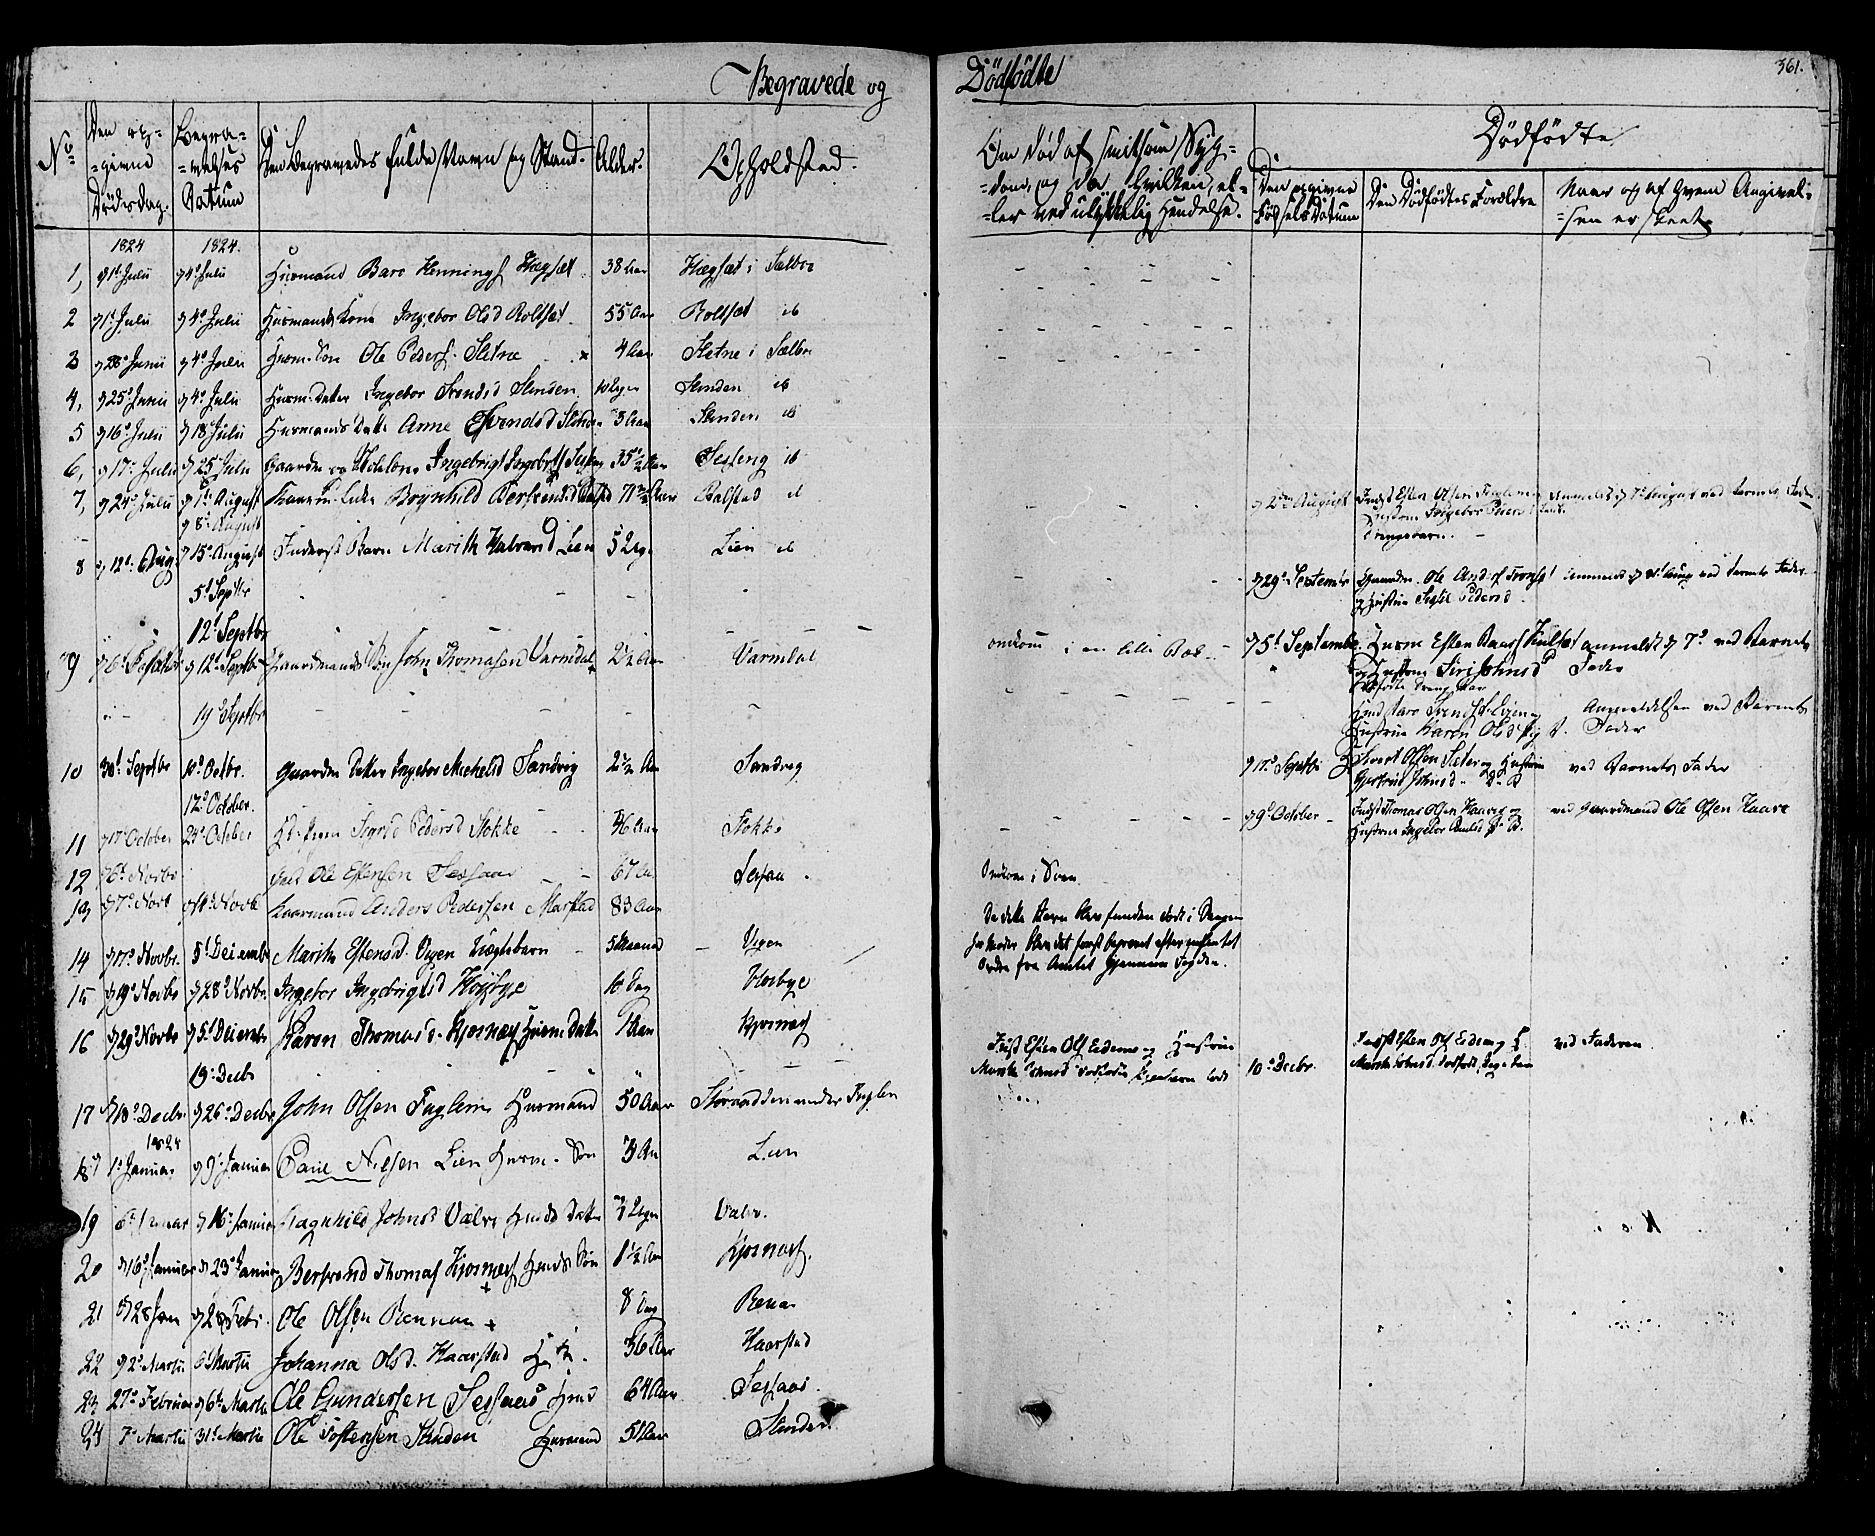 SAT, Ministerialprotokoller, klokkerbøker og fødselsregistre - Sør-Trøndelag, 695/L1143: Ministerialbok nr. 695A05 /1, 1824-1842, s. 361